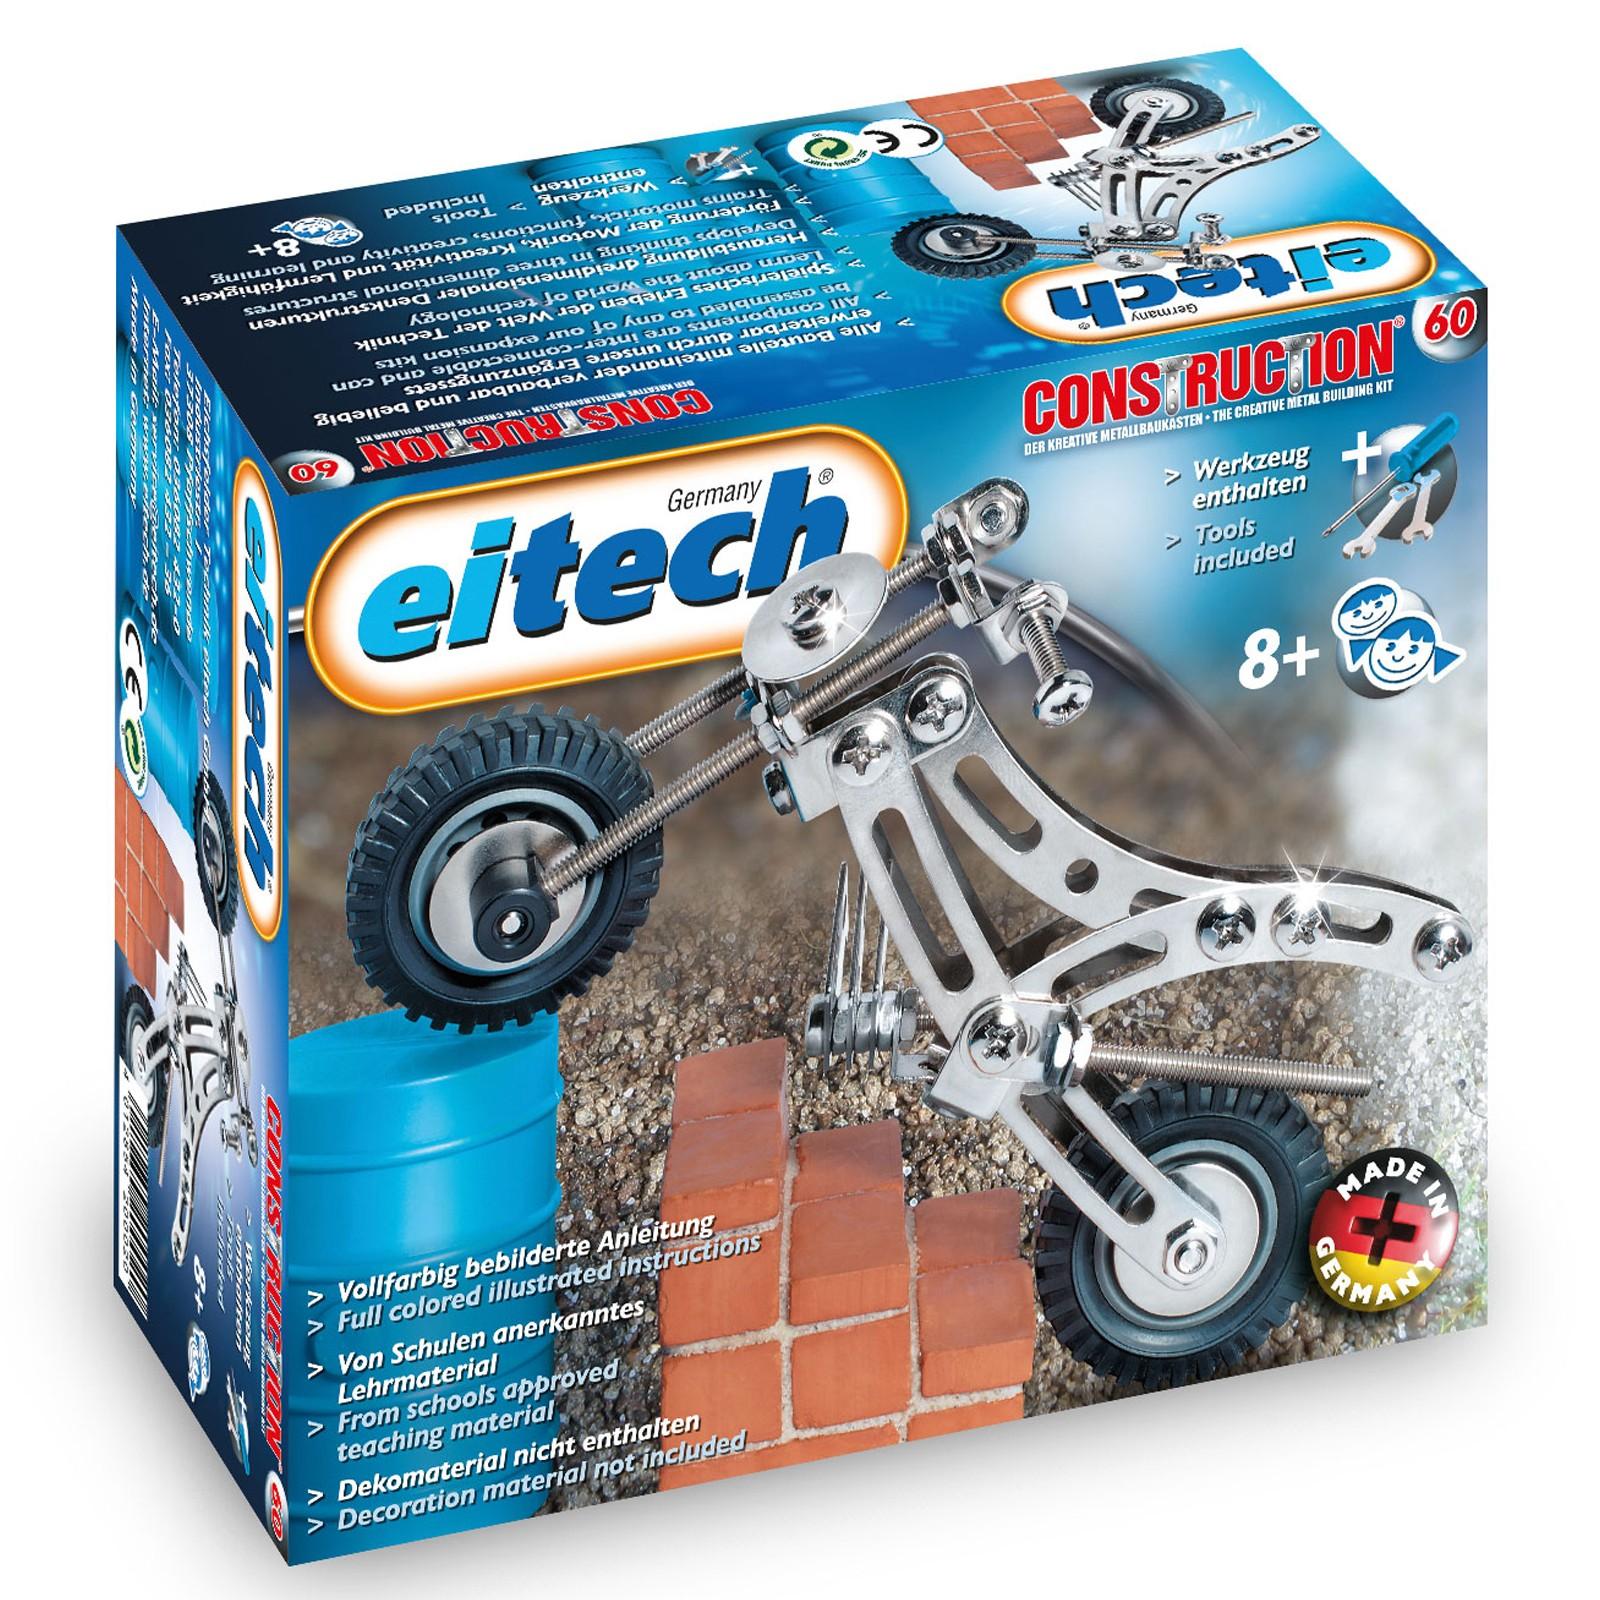 EITECH Metallbaukasten Trial Bike für Einsteiger